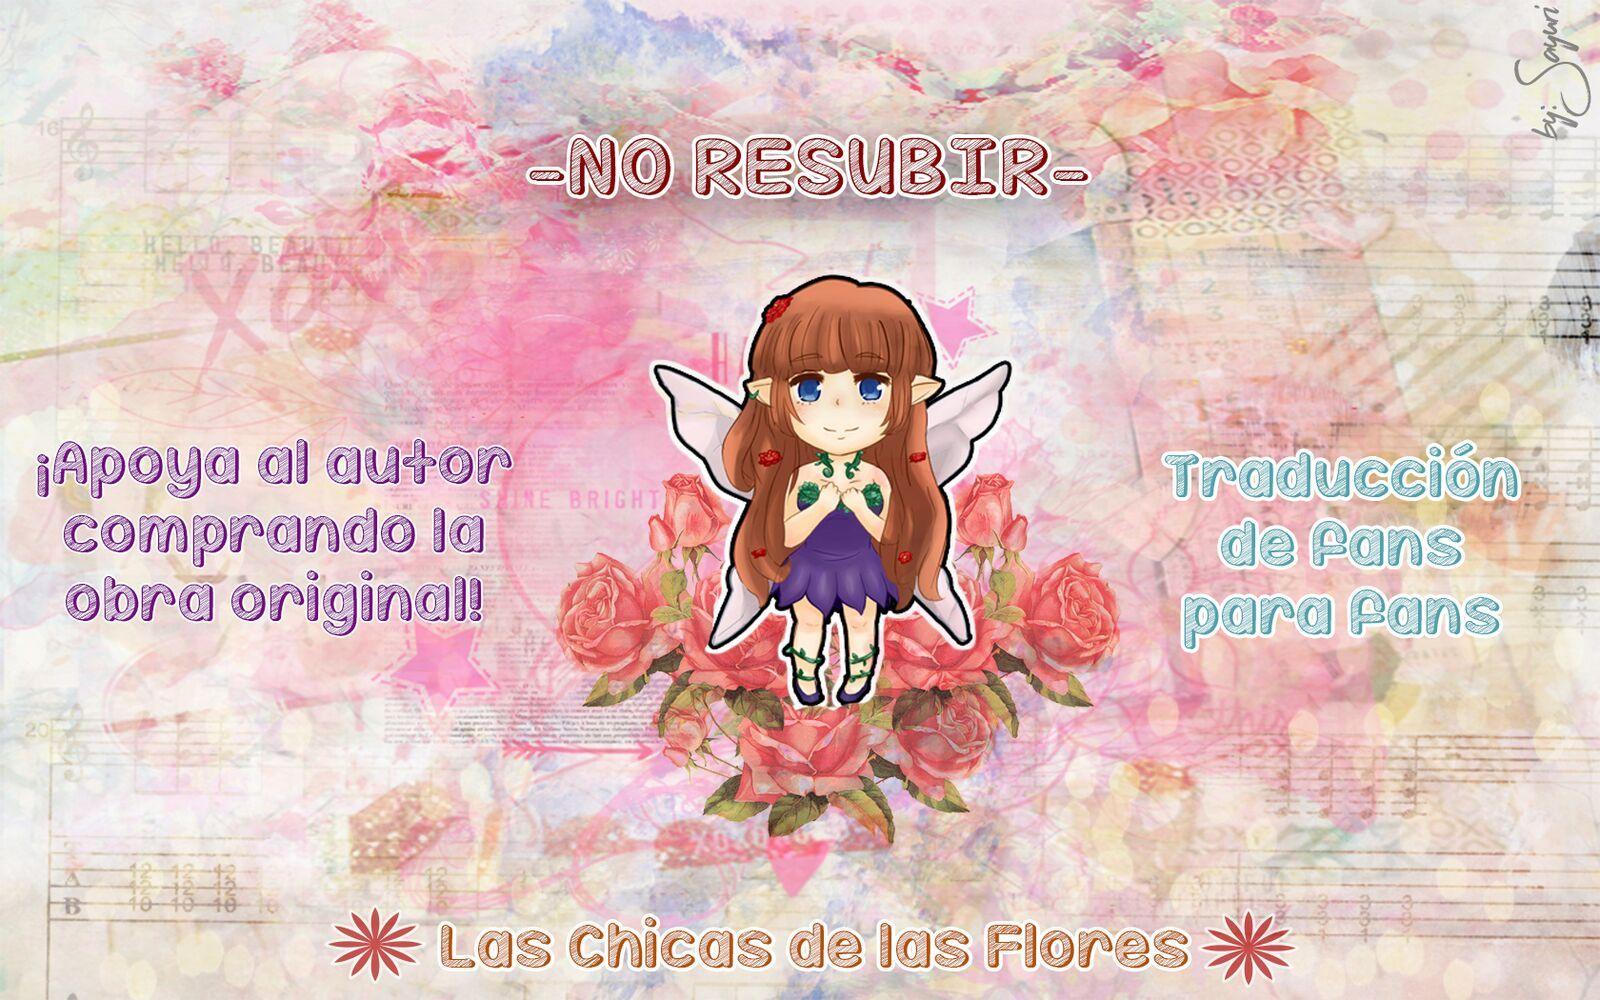 https://c9.mangatag.com/es_manga/pic5/5/21381/638907/1f405407c2244291aa276d8fbc6a5a89.jpg Page 2